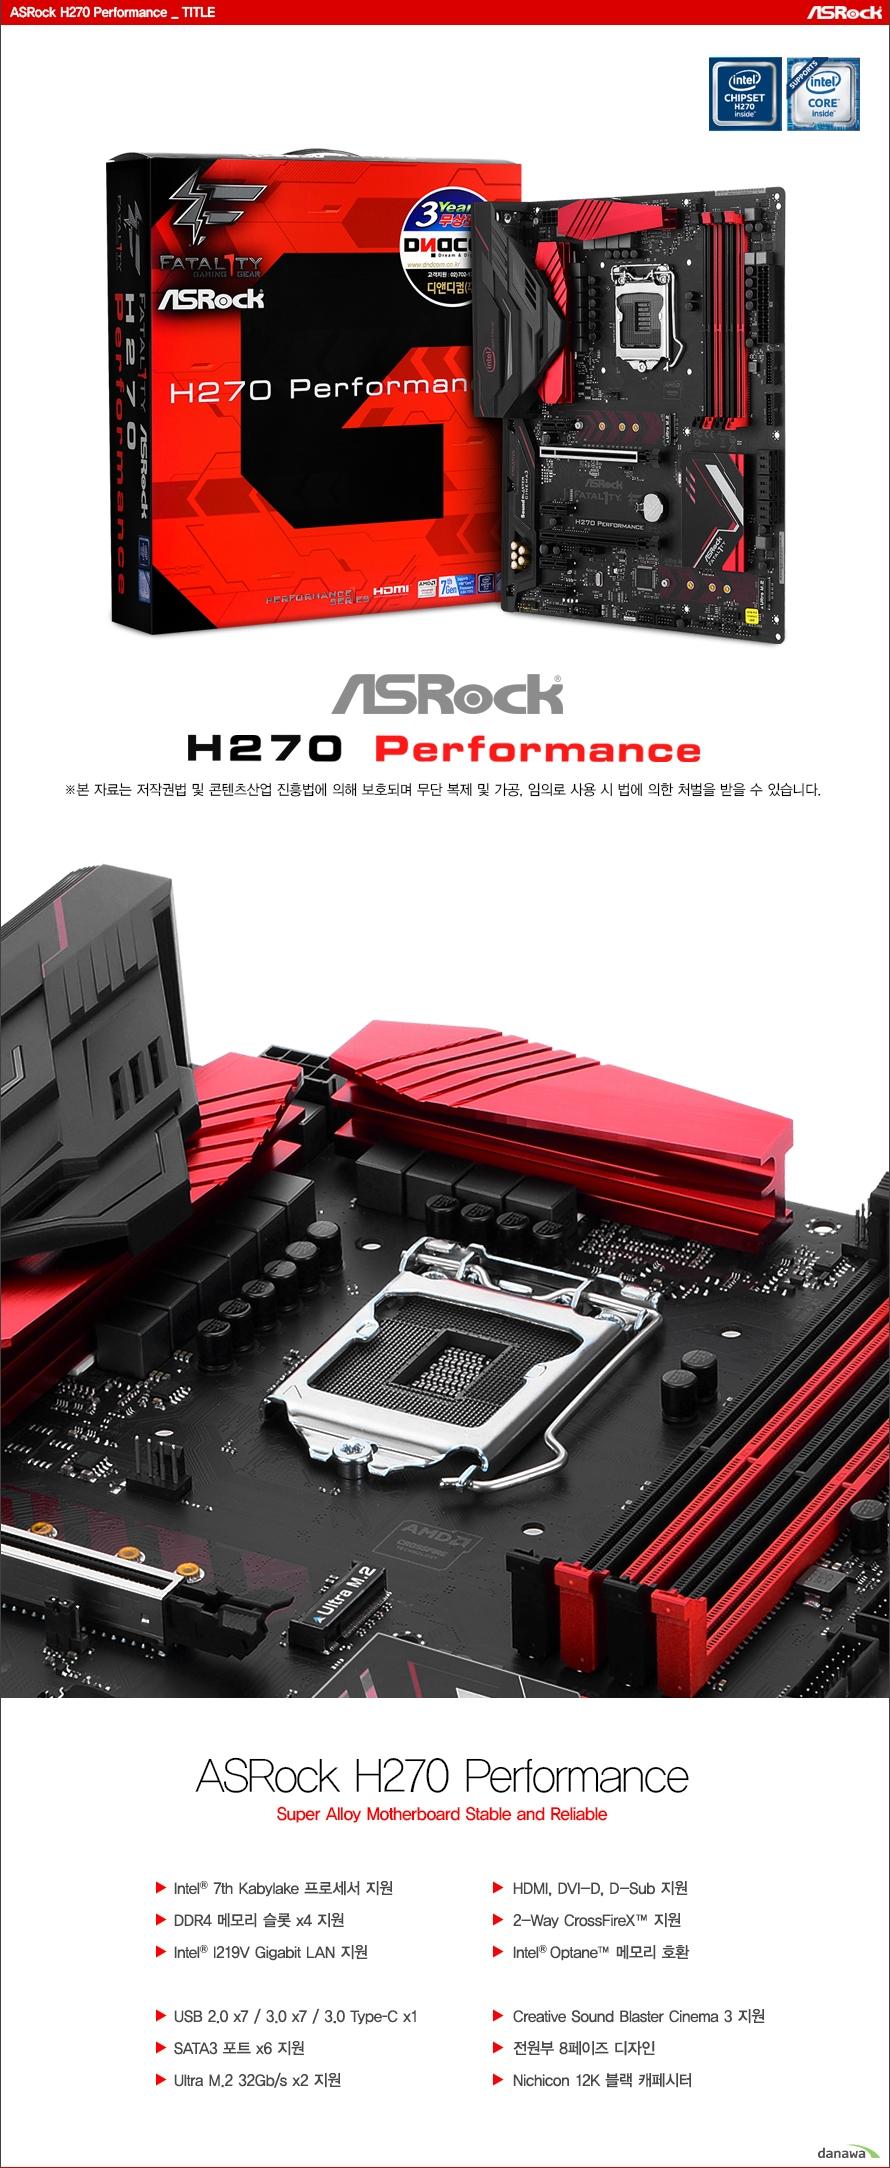 타이틀Intel 7th Kabylake 프로세서 지원 DDR4 메모리 슬롯 x4 지원 Intel I219V Gigabit LAN 지원USB 포트 2.0 x7 / 3.0 x8 지원SATA3 포트 x6 지원Ultra M.2 32Gb/s x2 지원HDMI, DVI-D, D-Sub 지원2-Way CrossFireX 지원Intel Optane 메모리 호환 Creative Sound Blaster Cinema 3 지원전원부 10페이즈 디자인Nichicon 12K 블랙 캐페시터